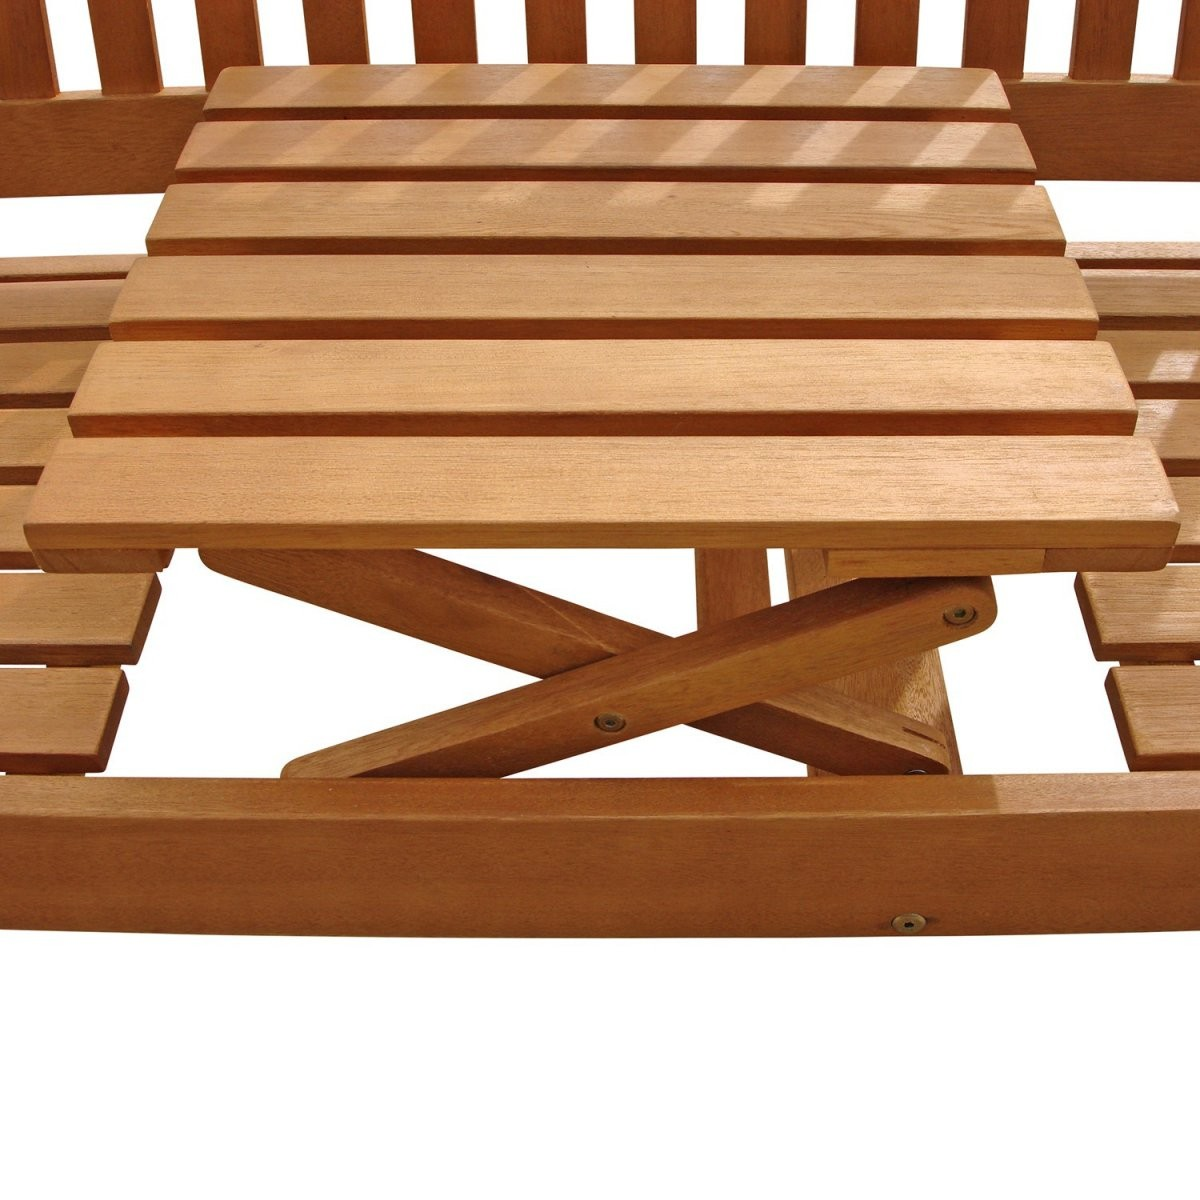 Gartenbank Mit Integriertem Klapptisch Aus Holz Ideal Für Design von Gartenbank Mit Integriertem Tisch Bild